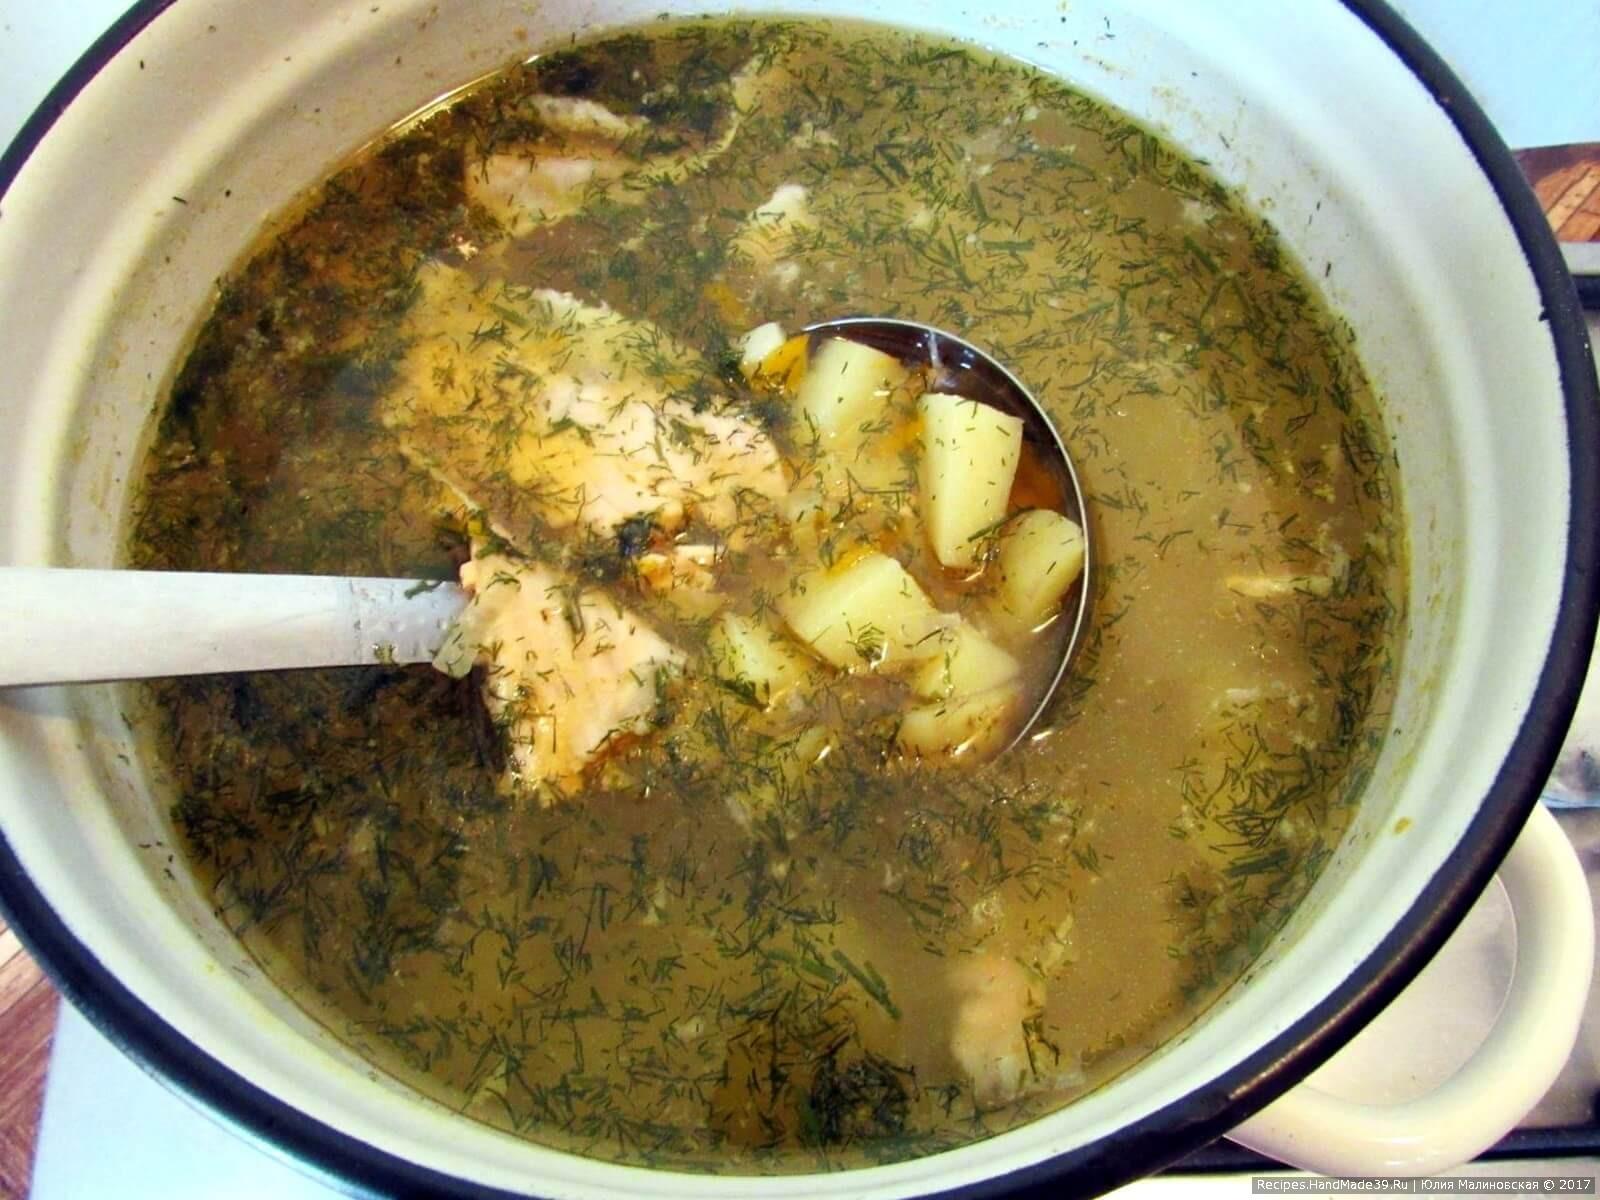 Затем выложить в суп мясо лосося и мелко порезанный укроп, лавровый лист. Посолить и поперчить суп по вкусу. Дать супу прокипеть ещё 5 мин, и суп готов